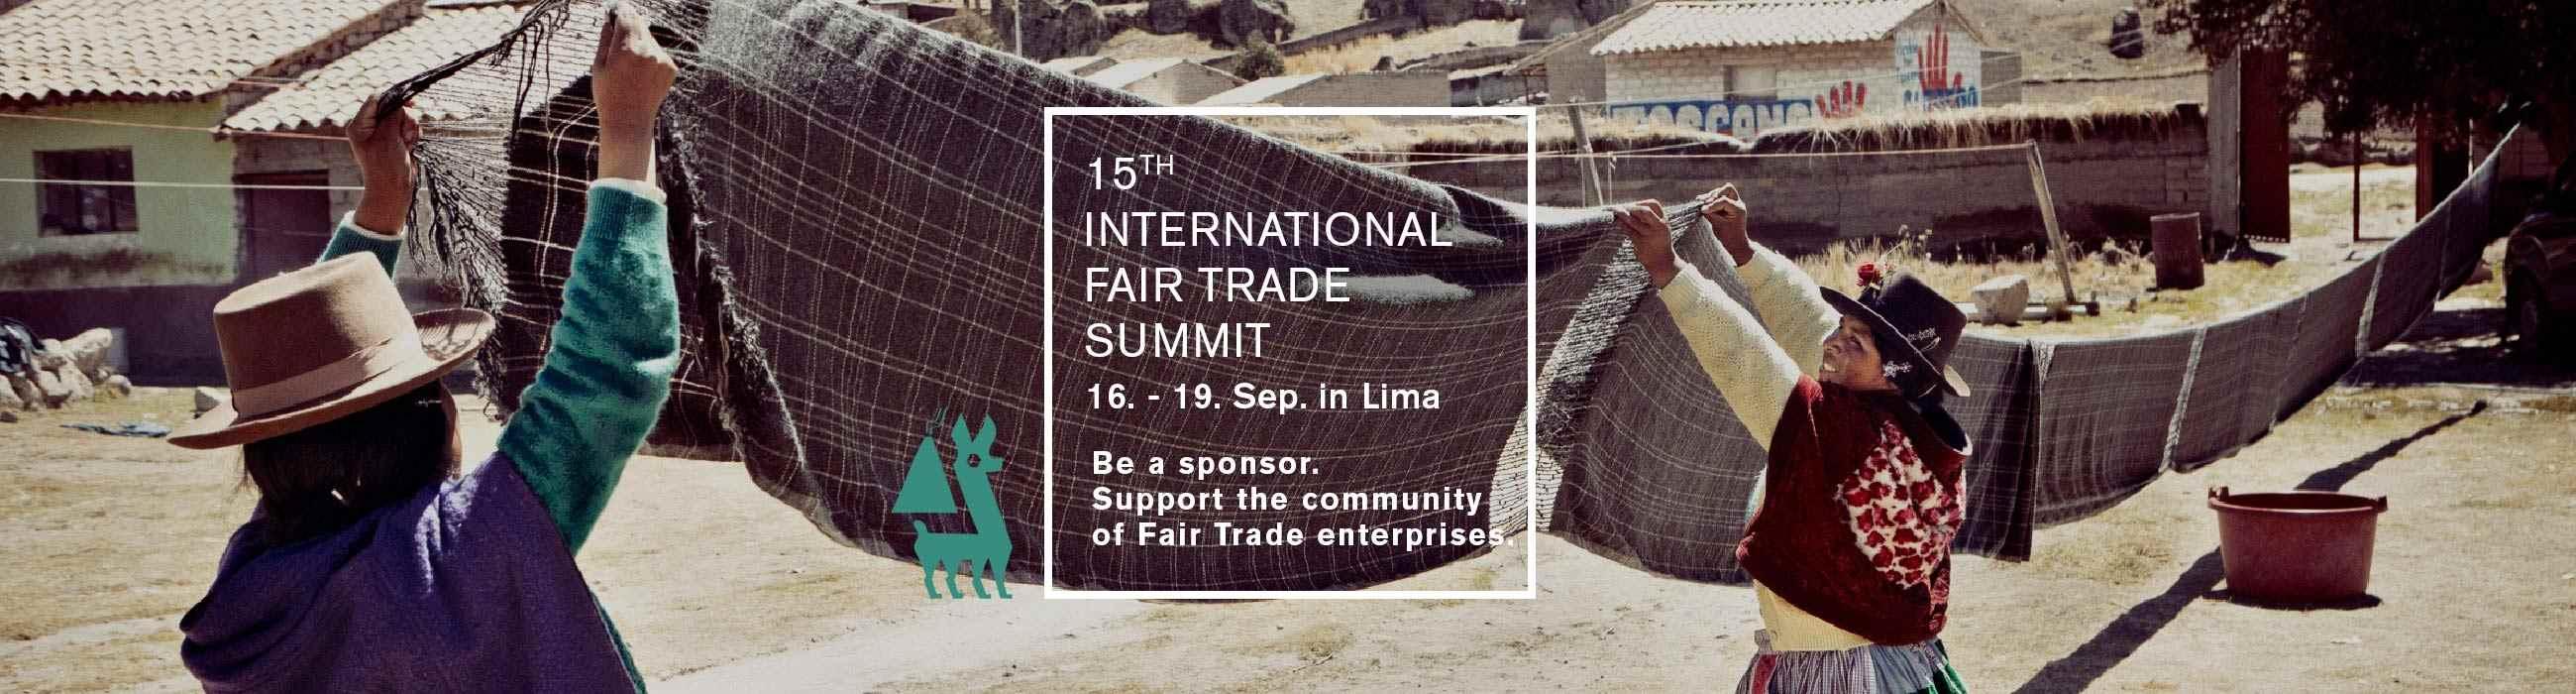 Fair Trade Summit Lima 16-19 Sep 2019